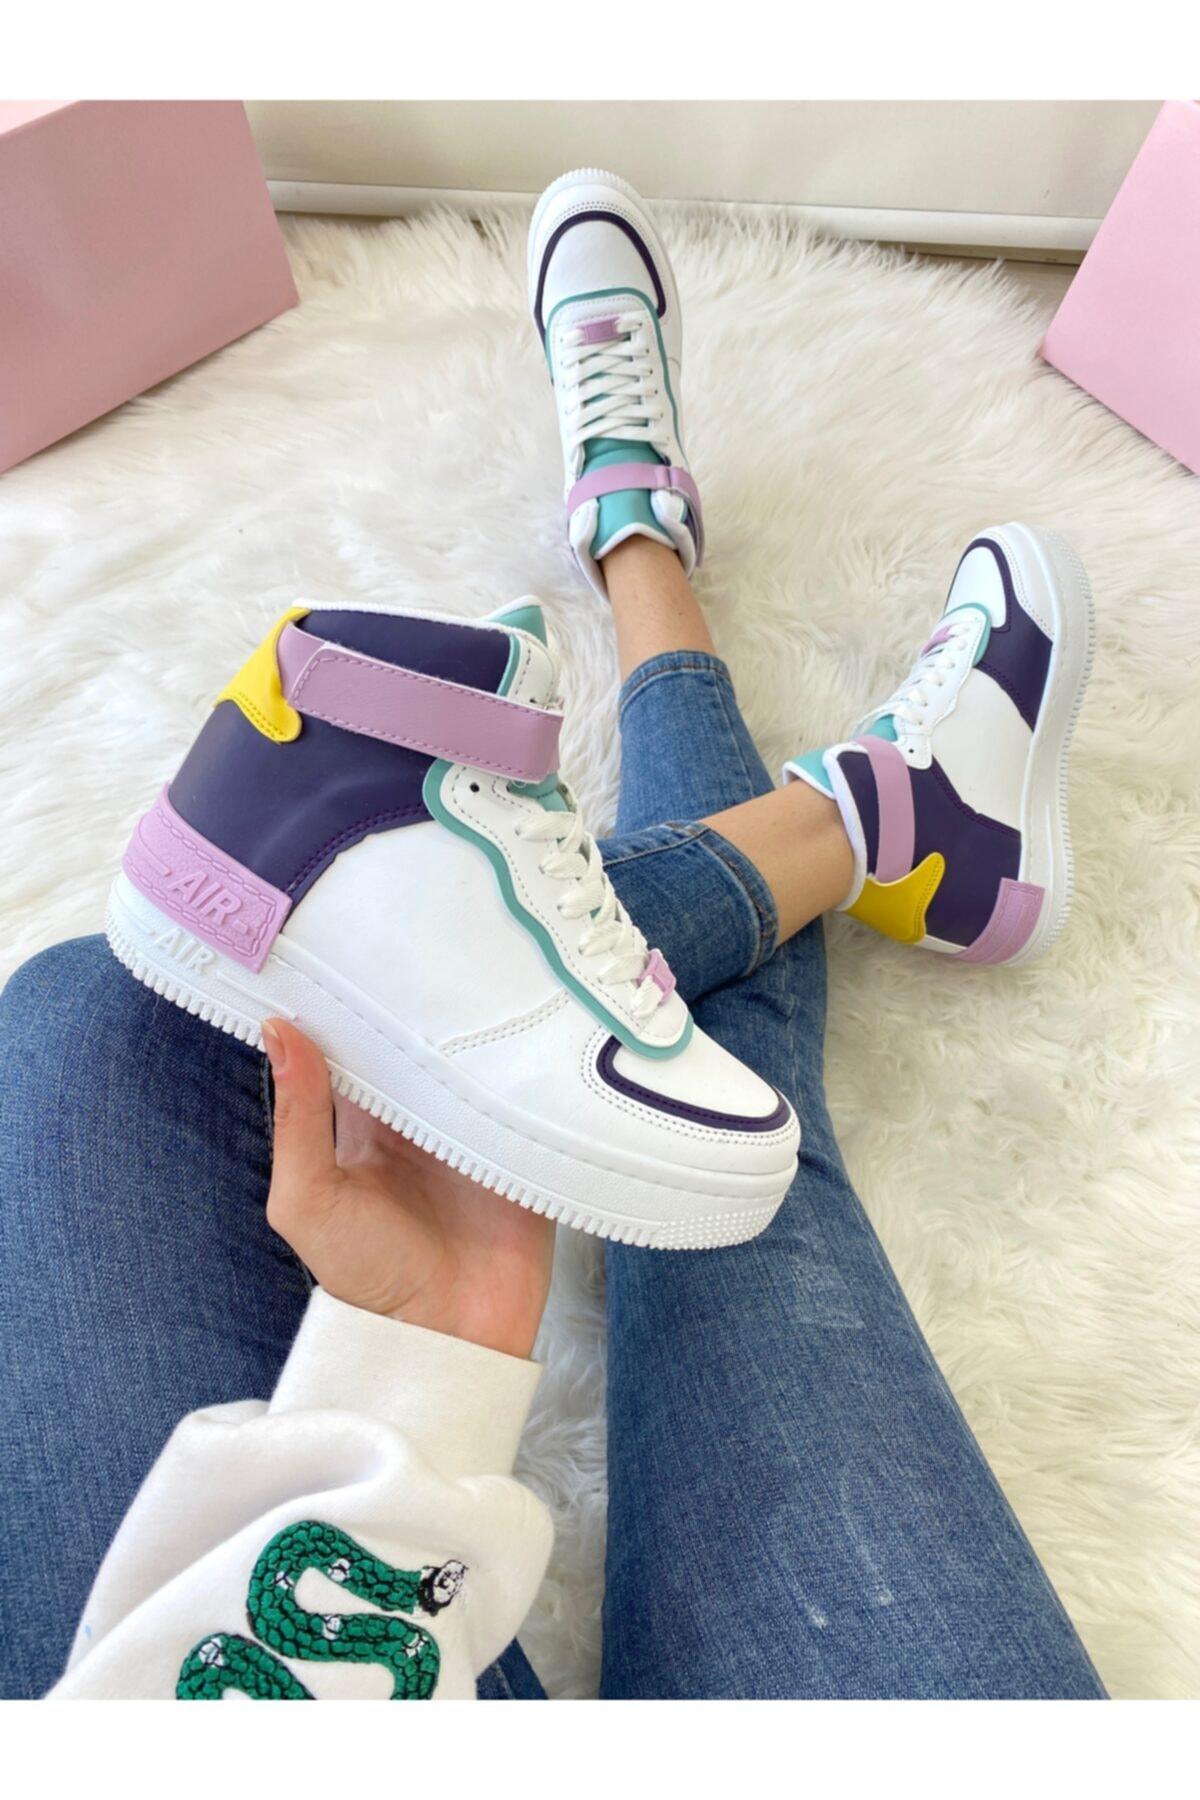 ELSESHOES Kadın Bıleklı Mor Spor Ayakkabı 1